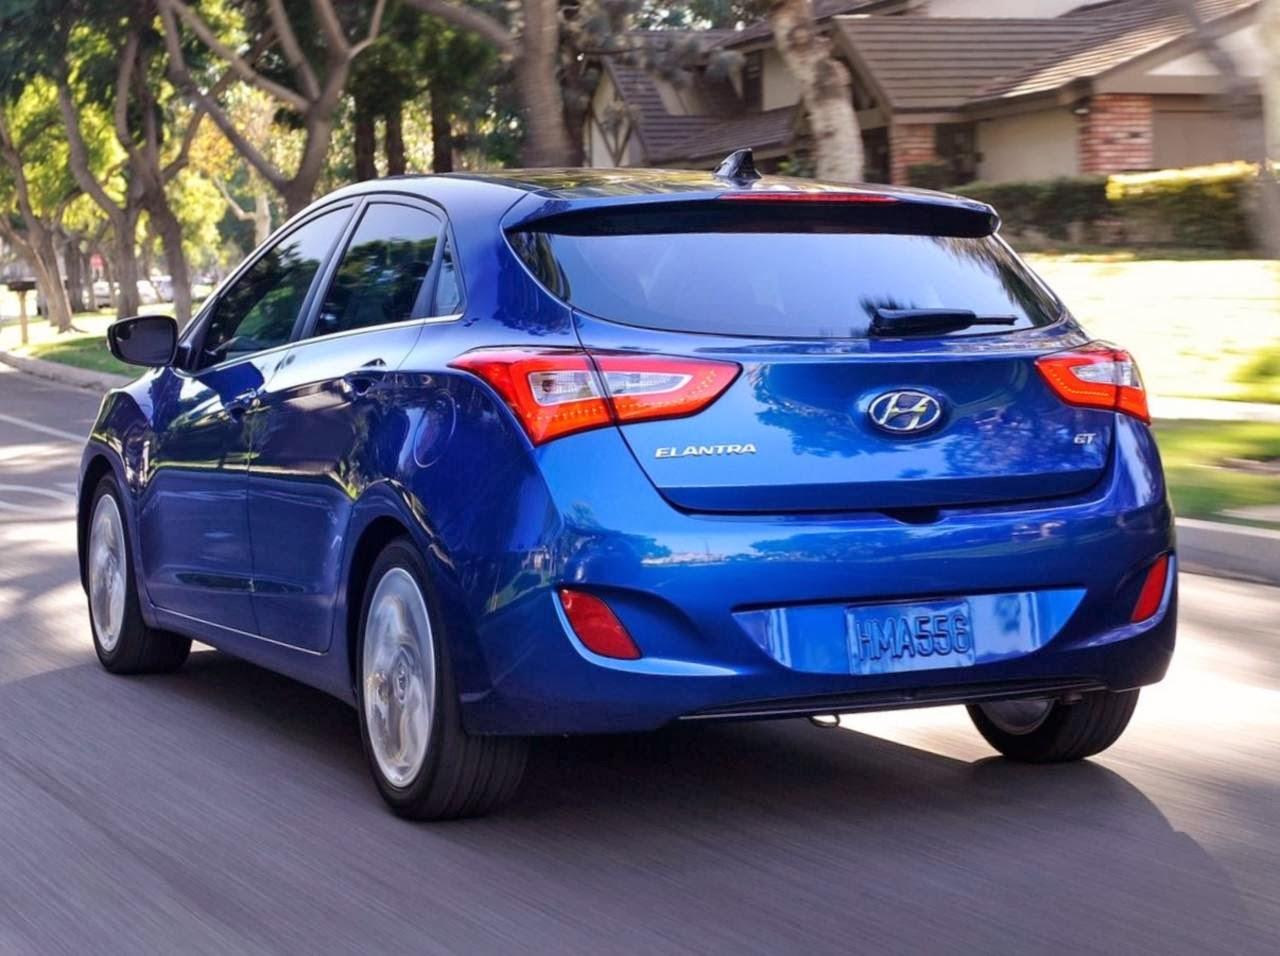 Hyundai Elantra entre os carros mais vendidos do mundo